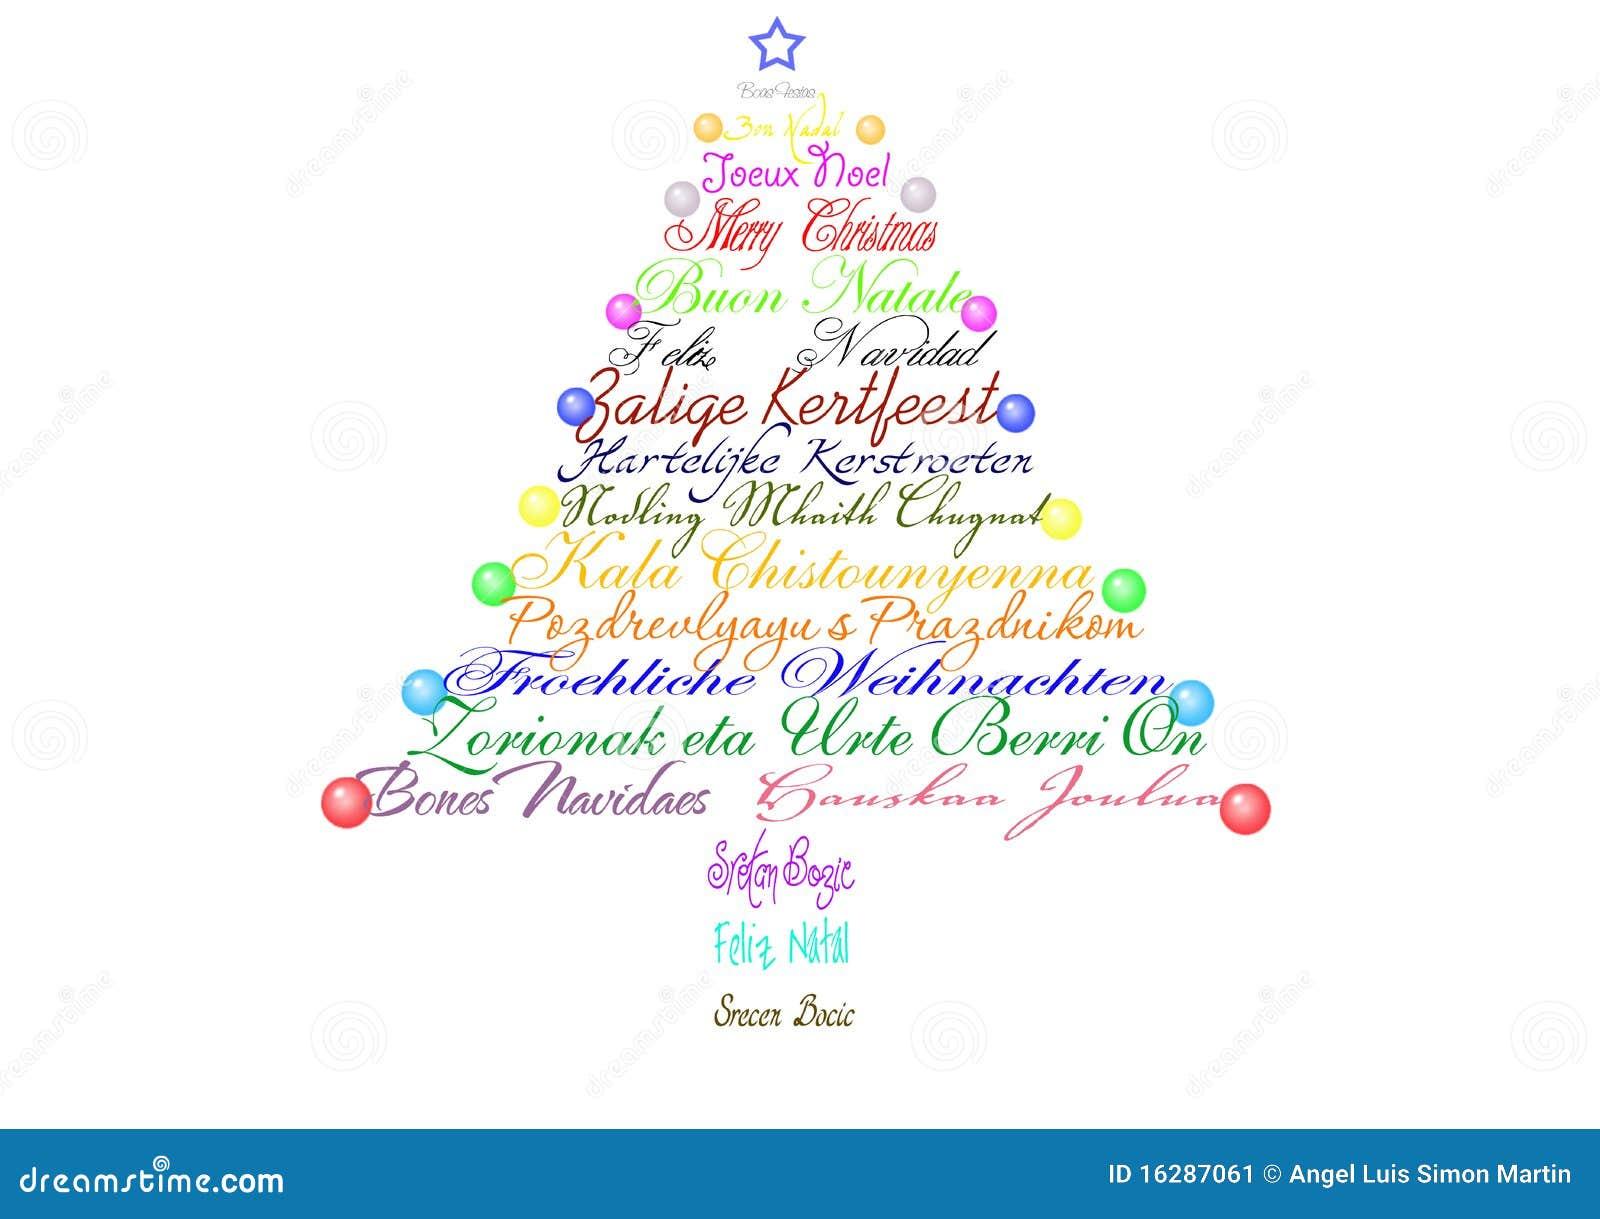 El Dorado Credit Card >> Christmas Tree. Stock Image - Image: 16287061